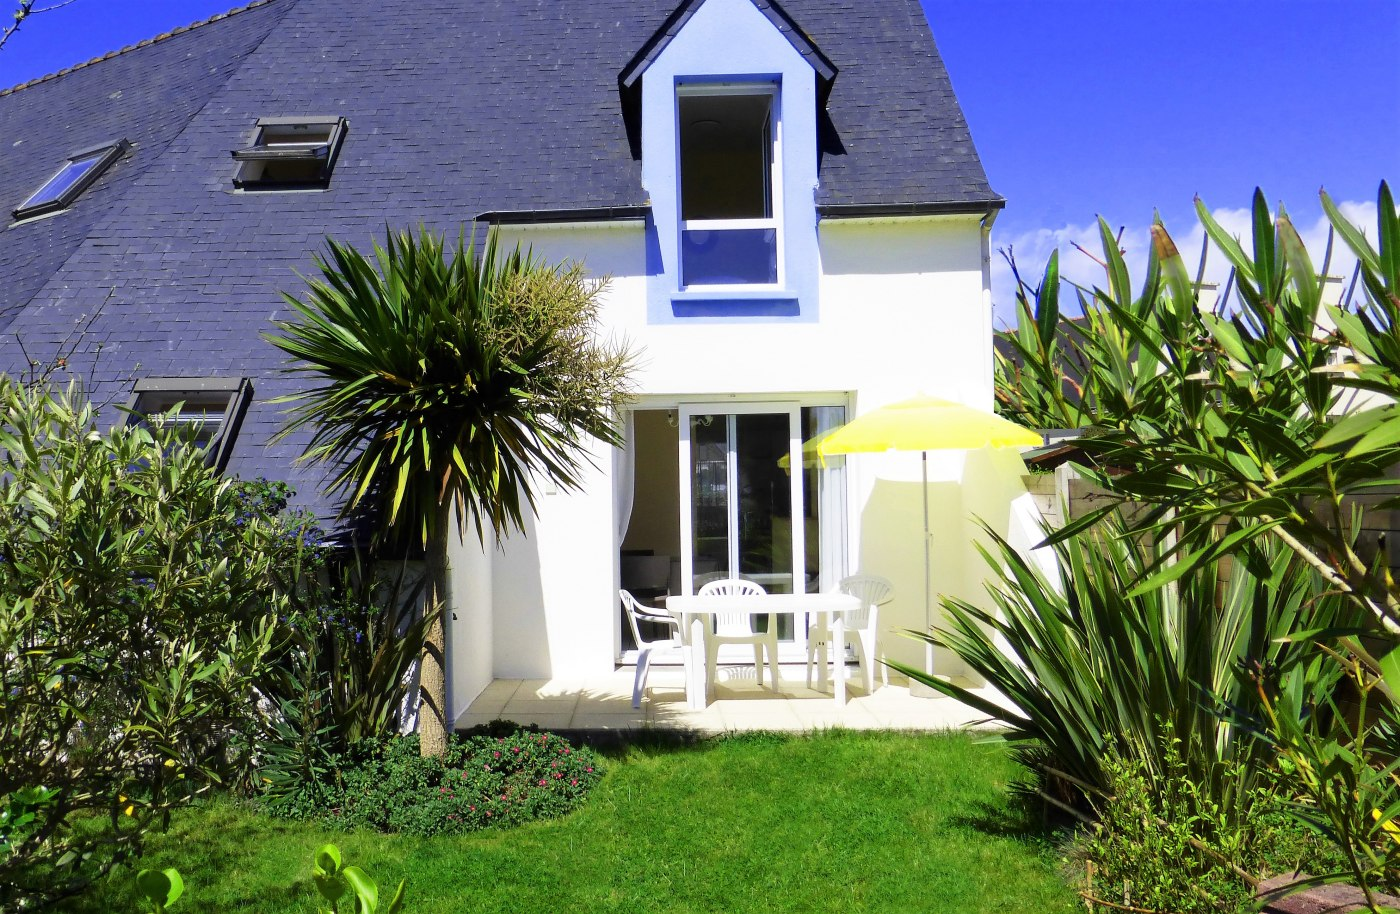 maison vacances etel location 6 personnes m et mme chatelin daniel. Black Bedroom Furniture Sets. Home Design Ideas